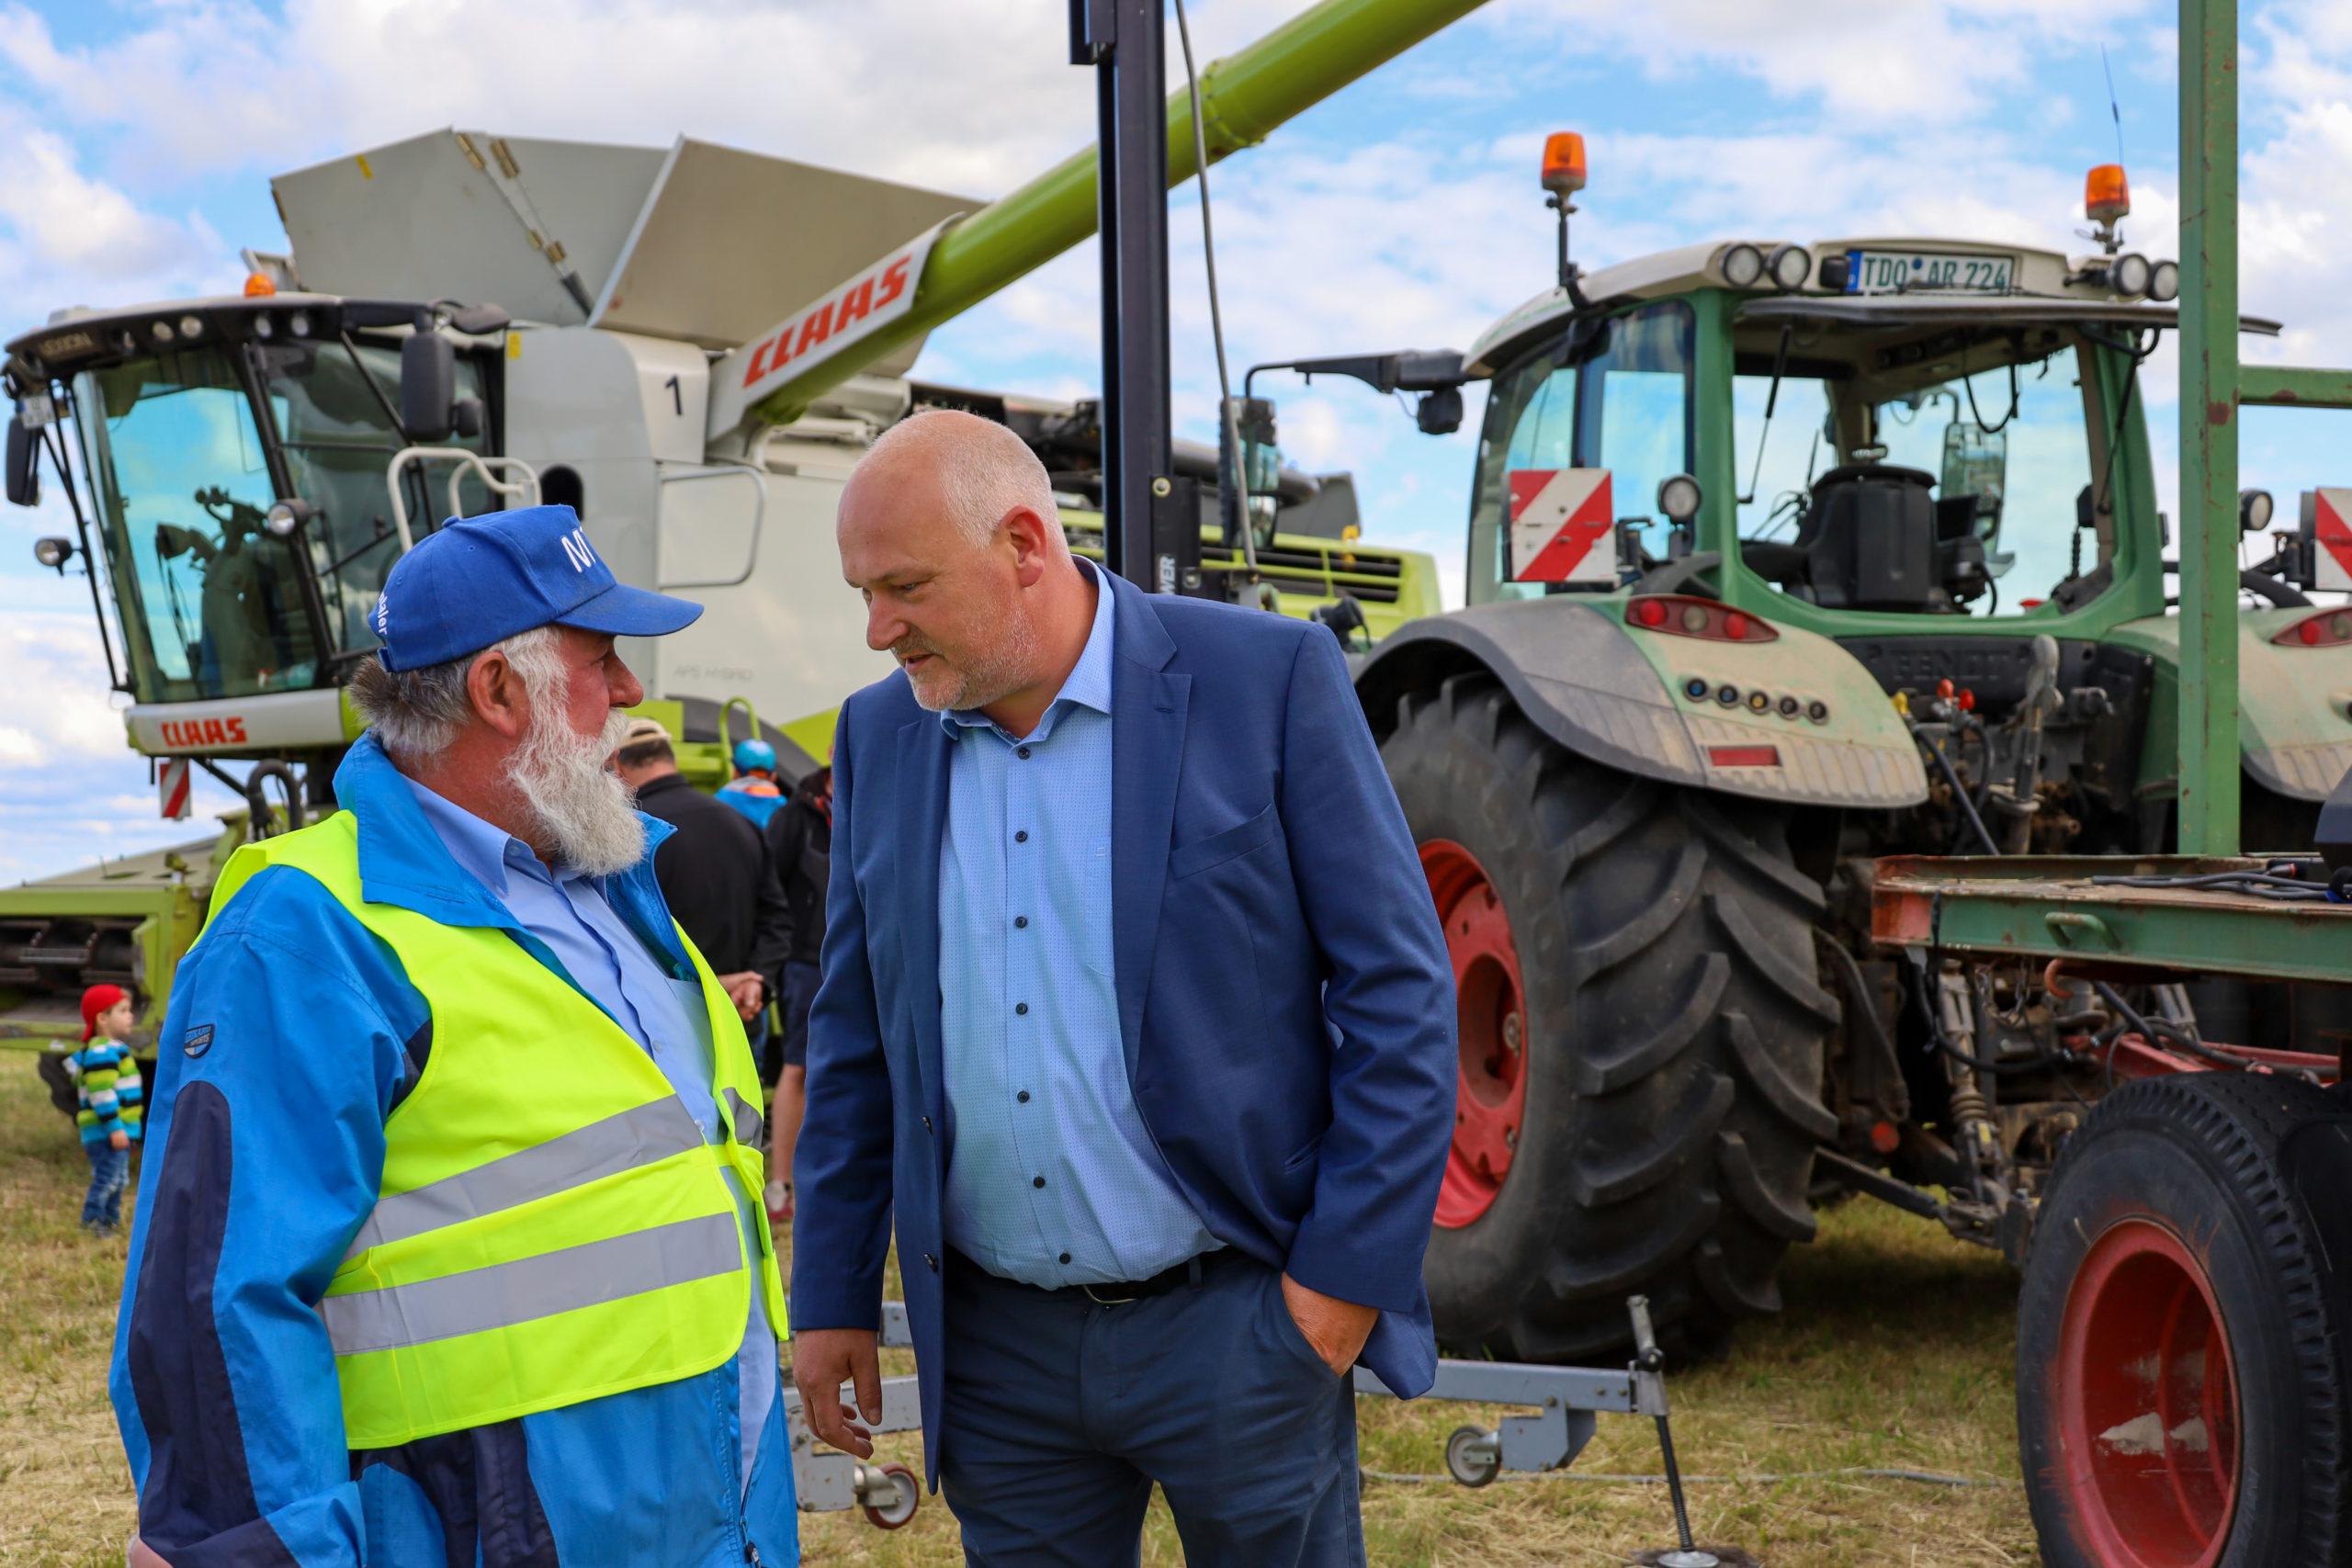 Klage gegen grünen Minister: CDU opfert Bauern für Koalitionsfrieden